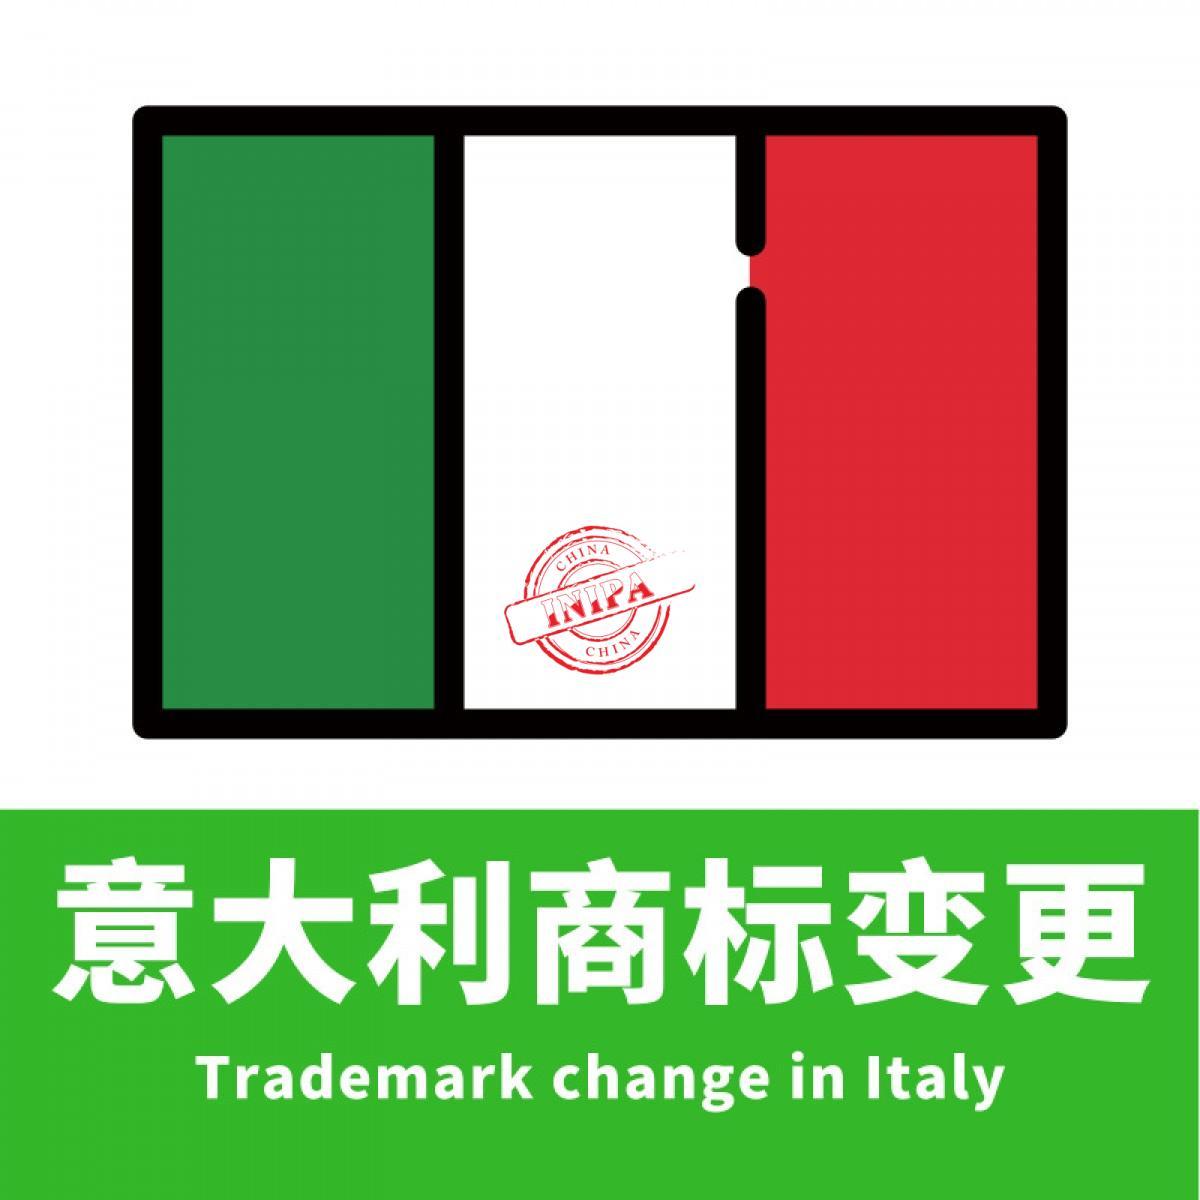 意大利商标变更/Trademark change in Italy